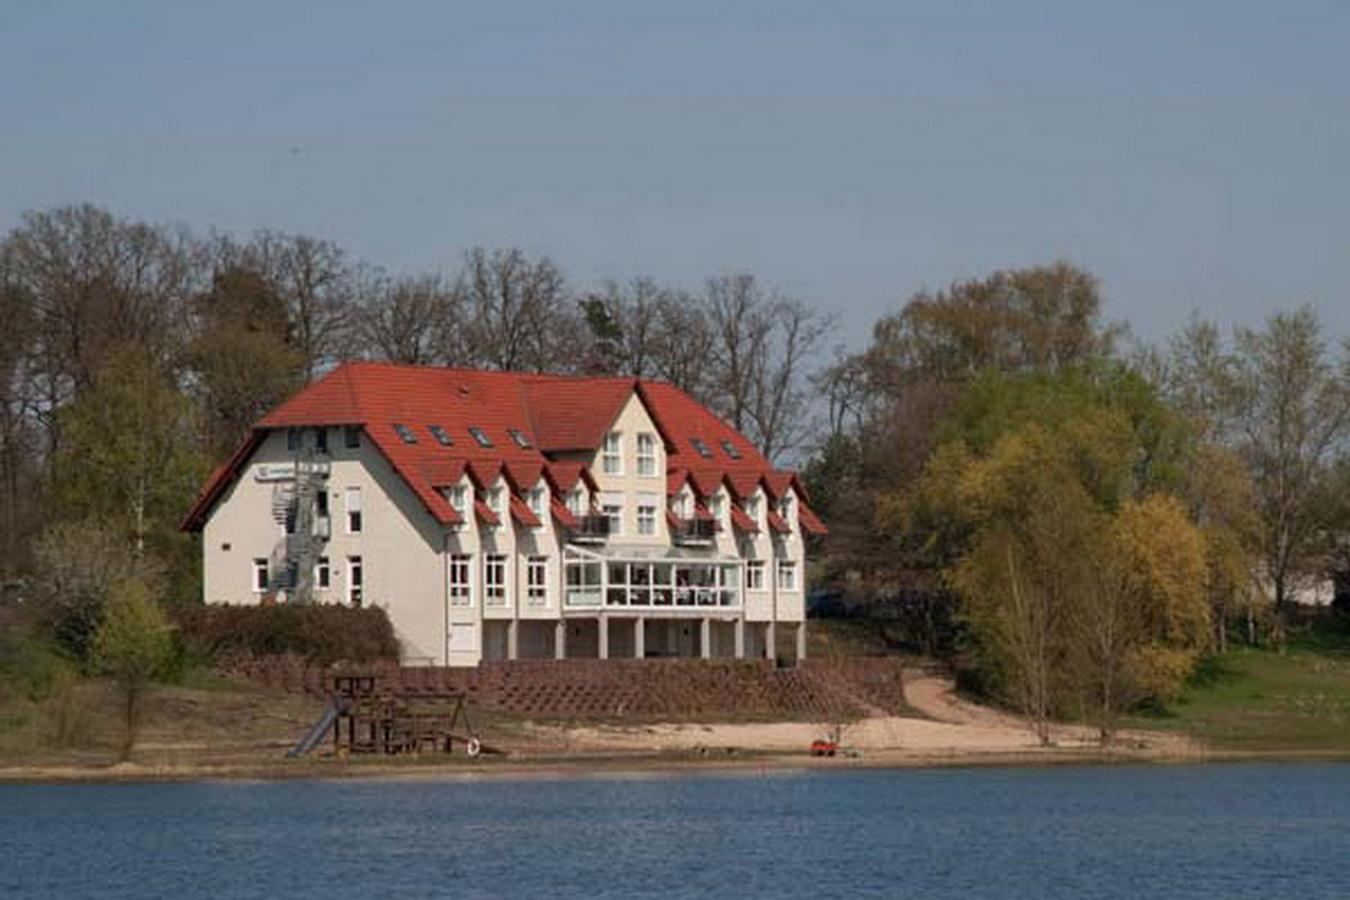 Eichholz Tier- und Freizeitpark Germendorf GmbH & Co. KG